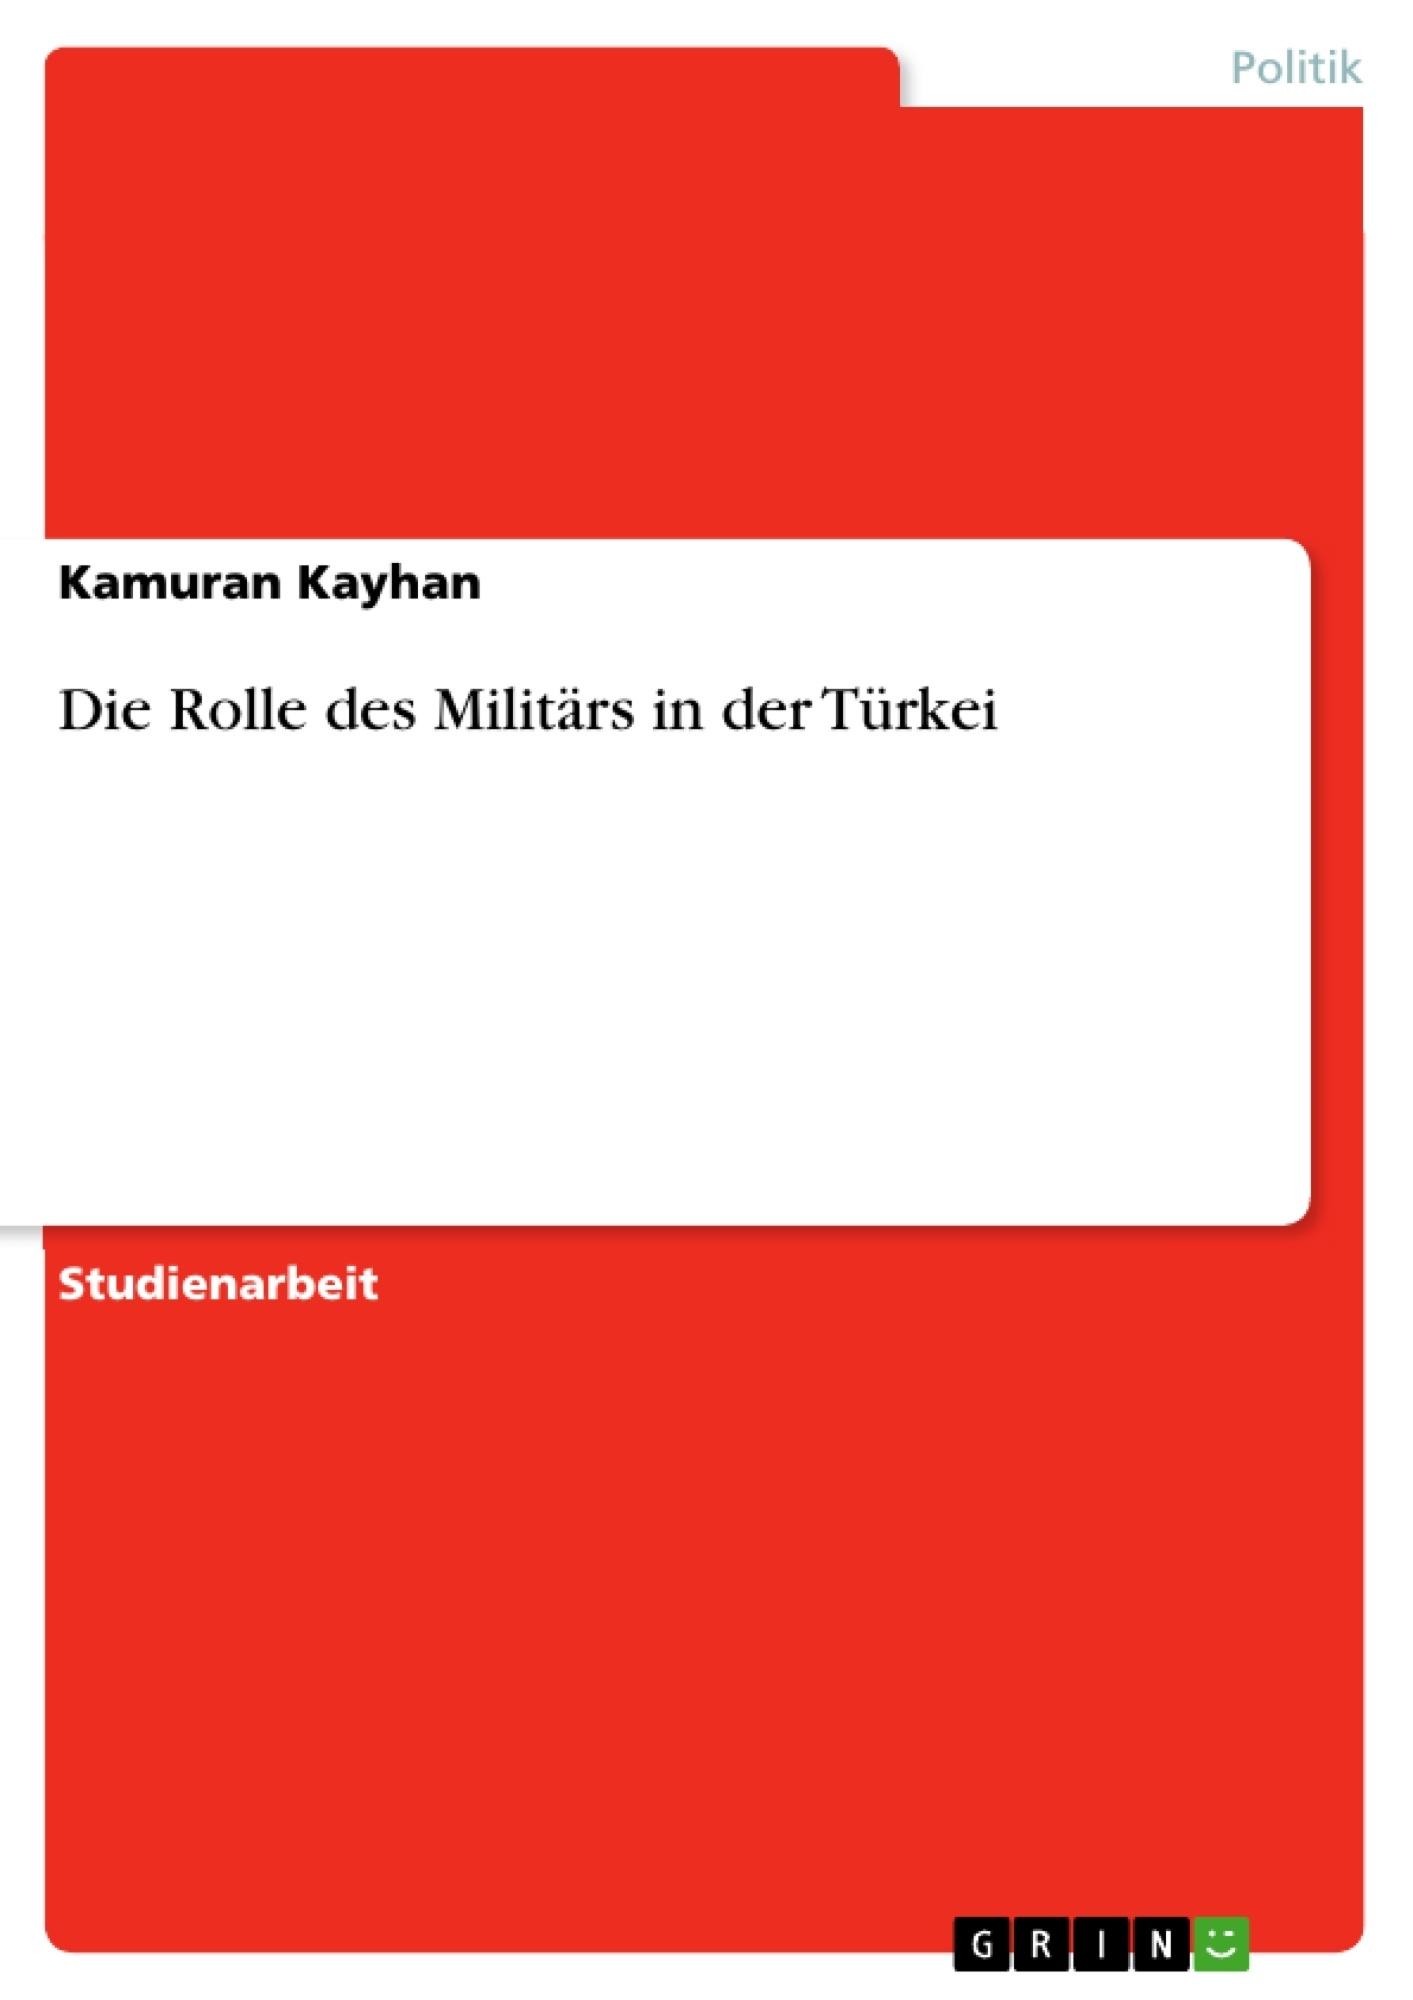 Titel: Die Rolle des Militärs in der Türkei